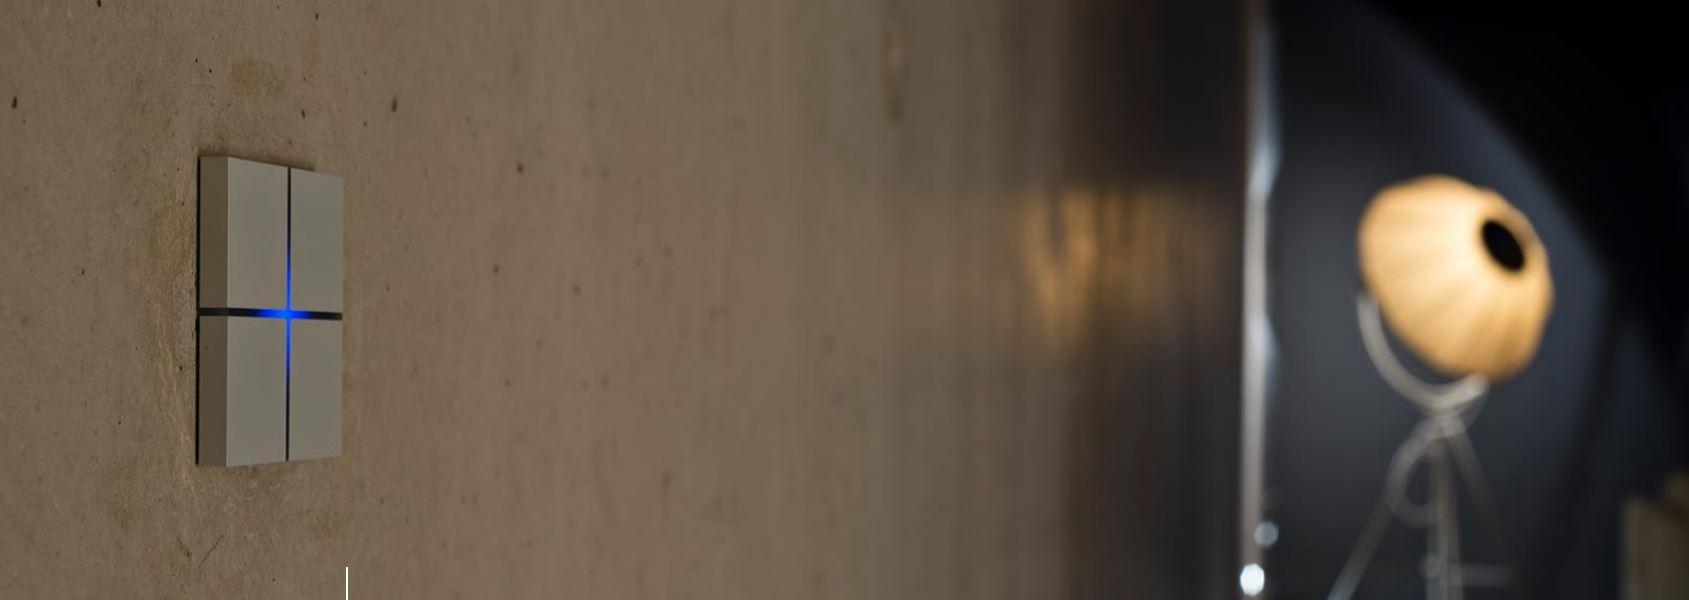 Basalte Sentido Lichtschalter